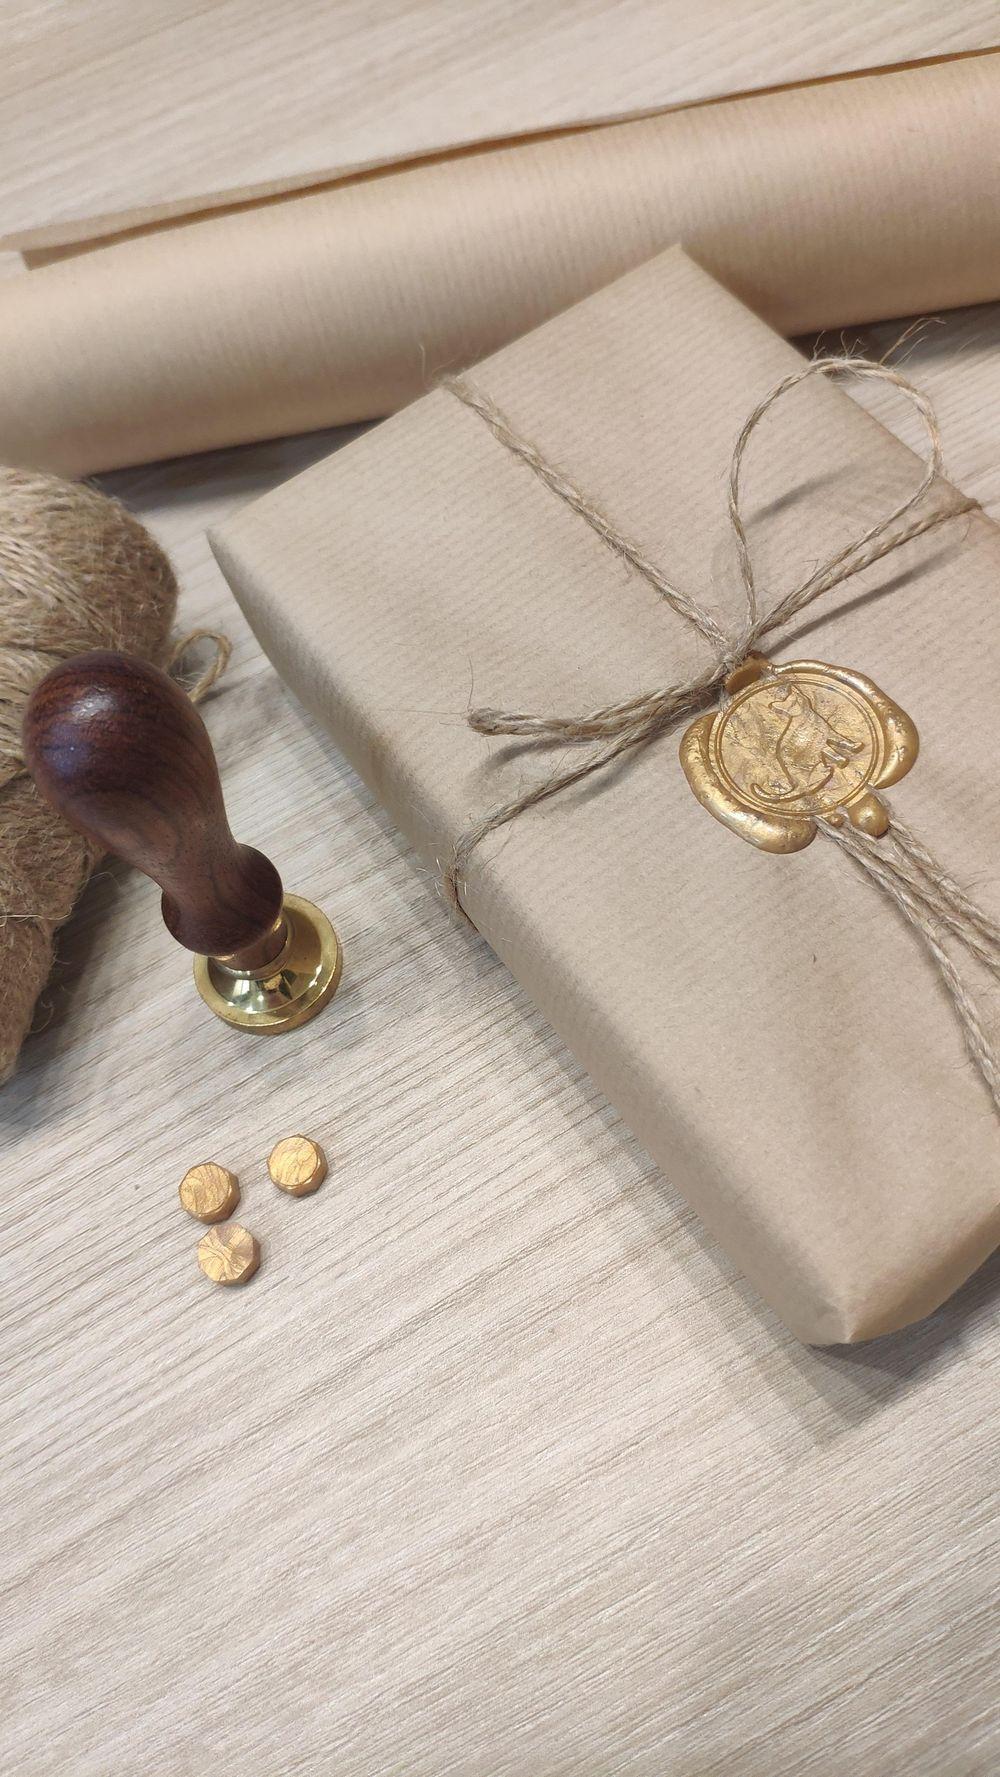 Envoltorios de regalo creativos minimalistas - image 2 - student project